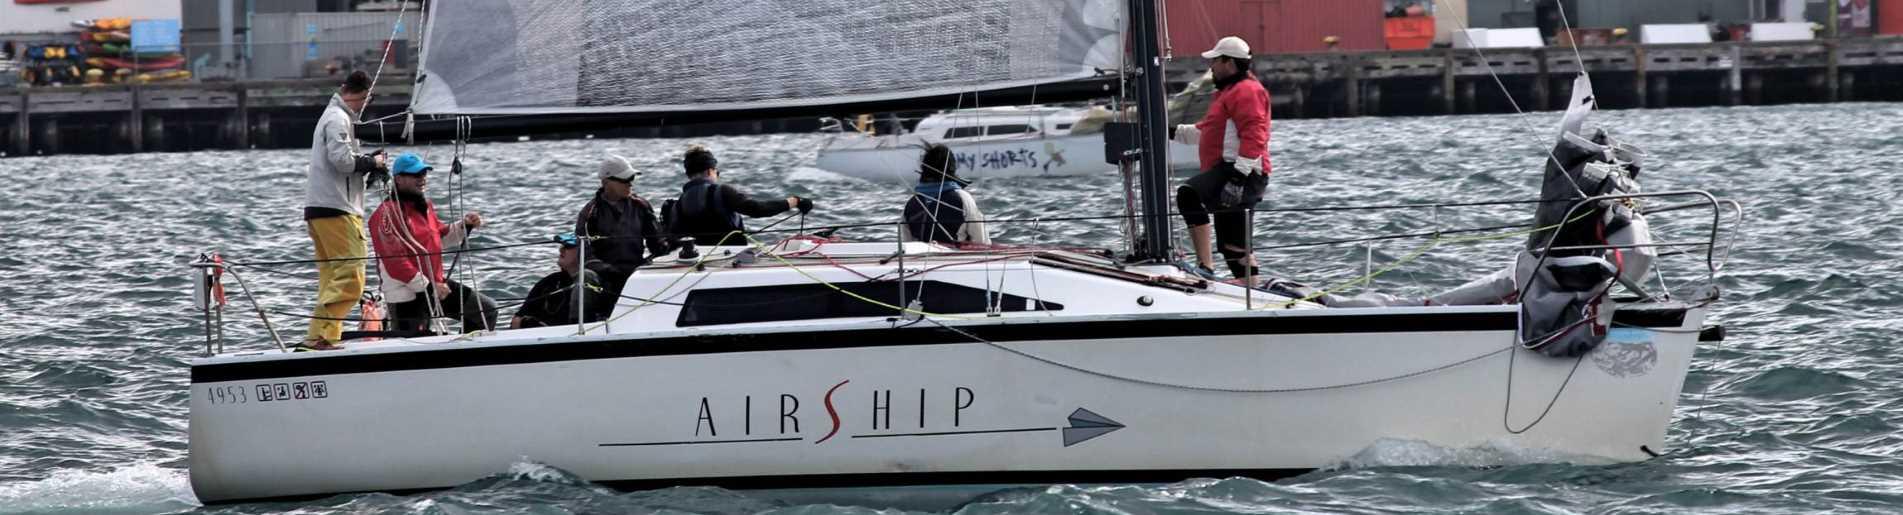 slider4_airship